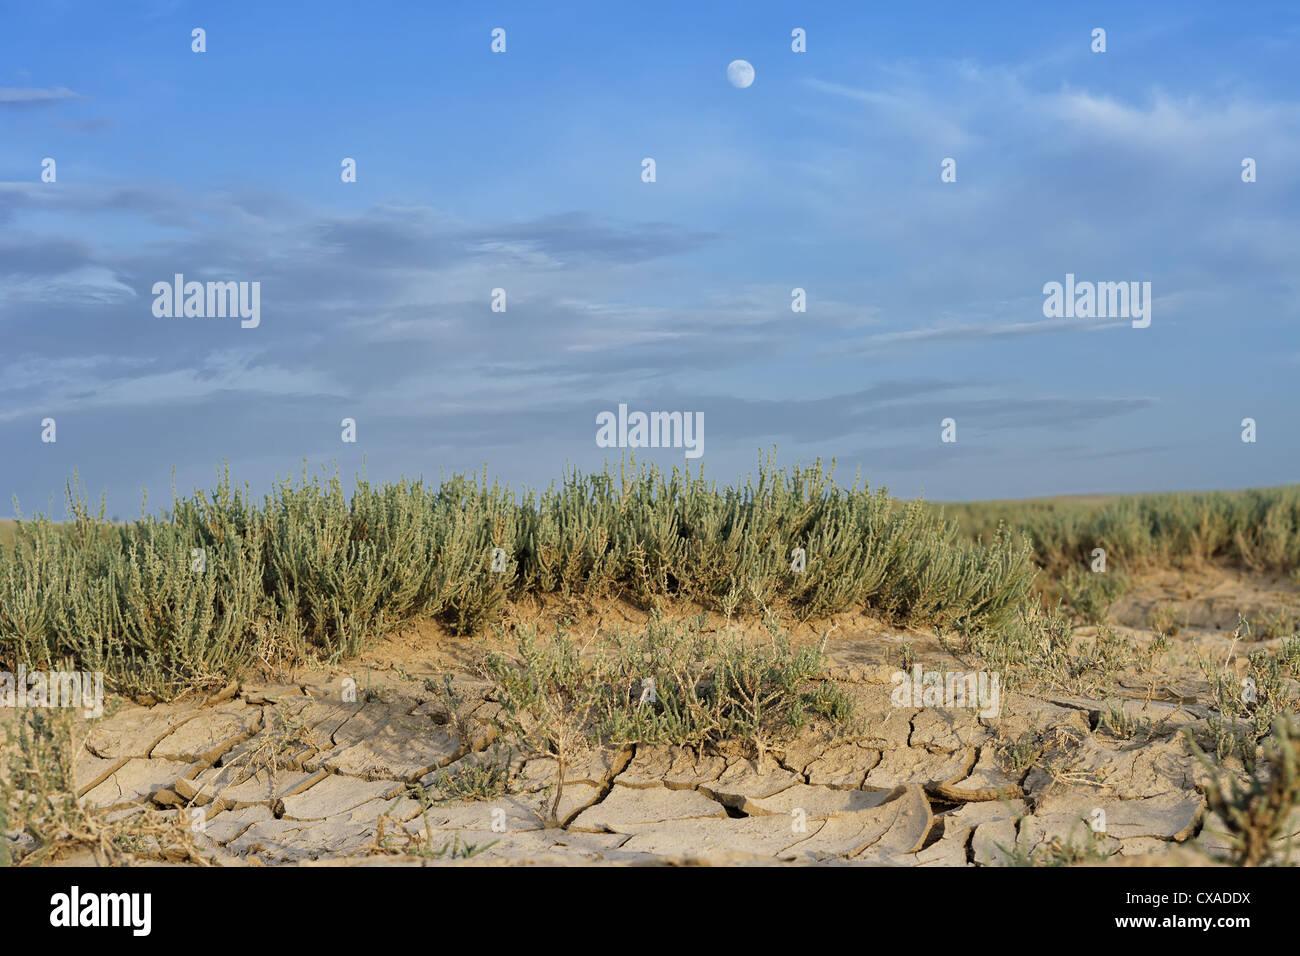 Arido, sfondo blu, clima, i cambiamenti climatici, incrinato deserte, essiccato, disaster, siccità, secco, Immagini Stock